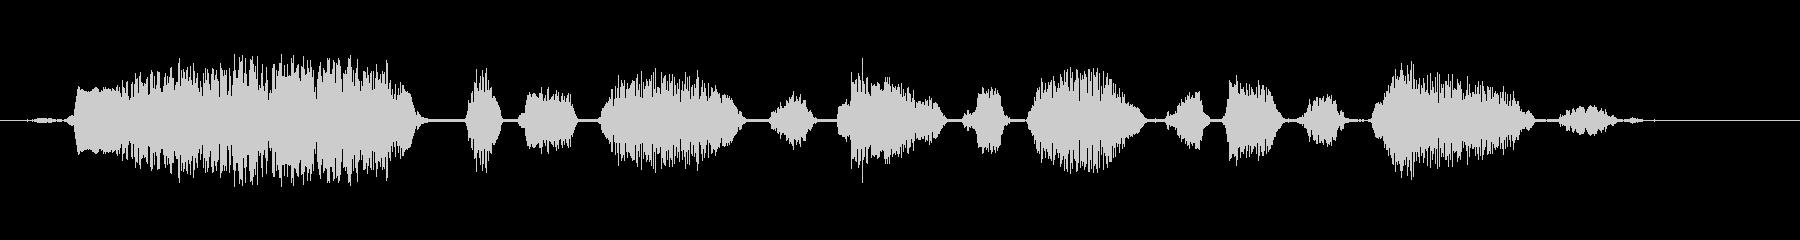 ロバ スクリーム03の未再生の波形